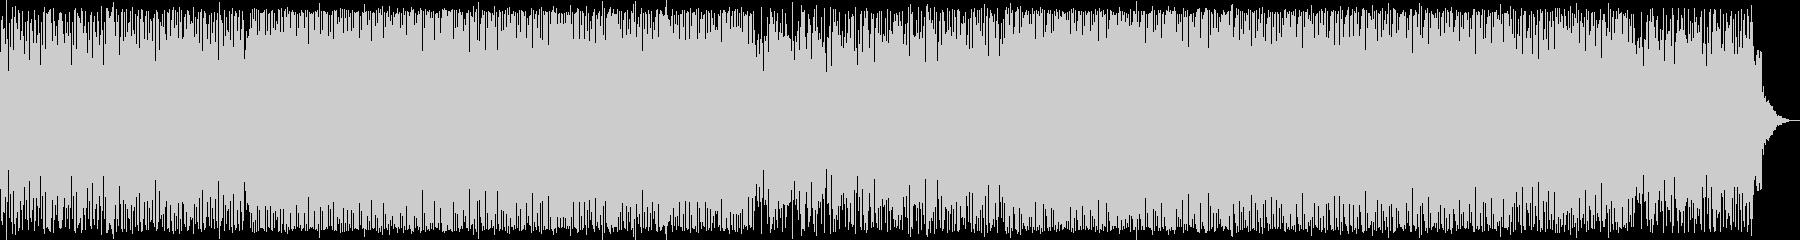 スペイシーなふわっとした変則的なテクノ音の未再生の波形